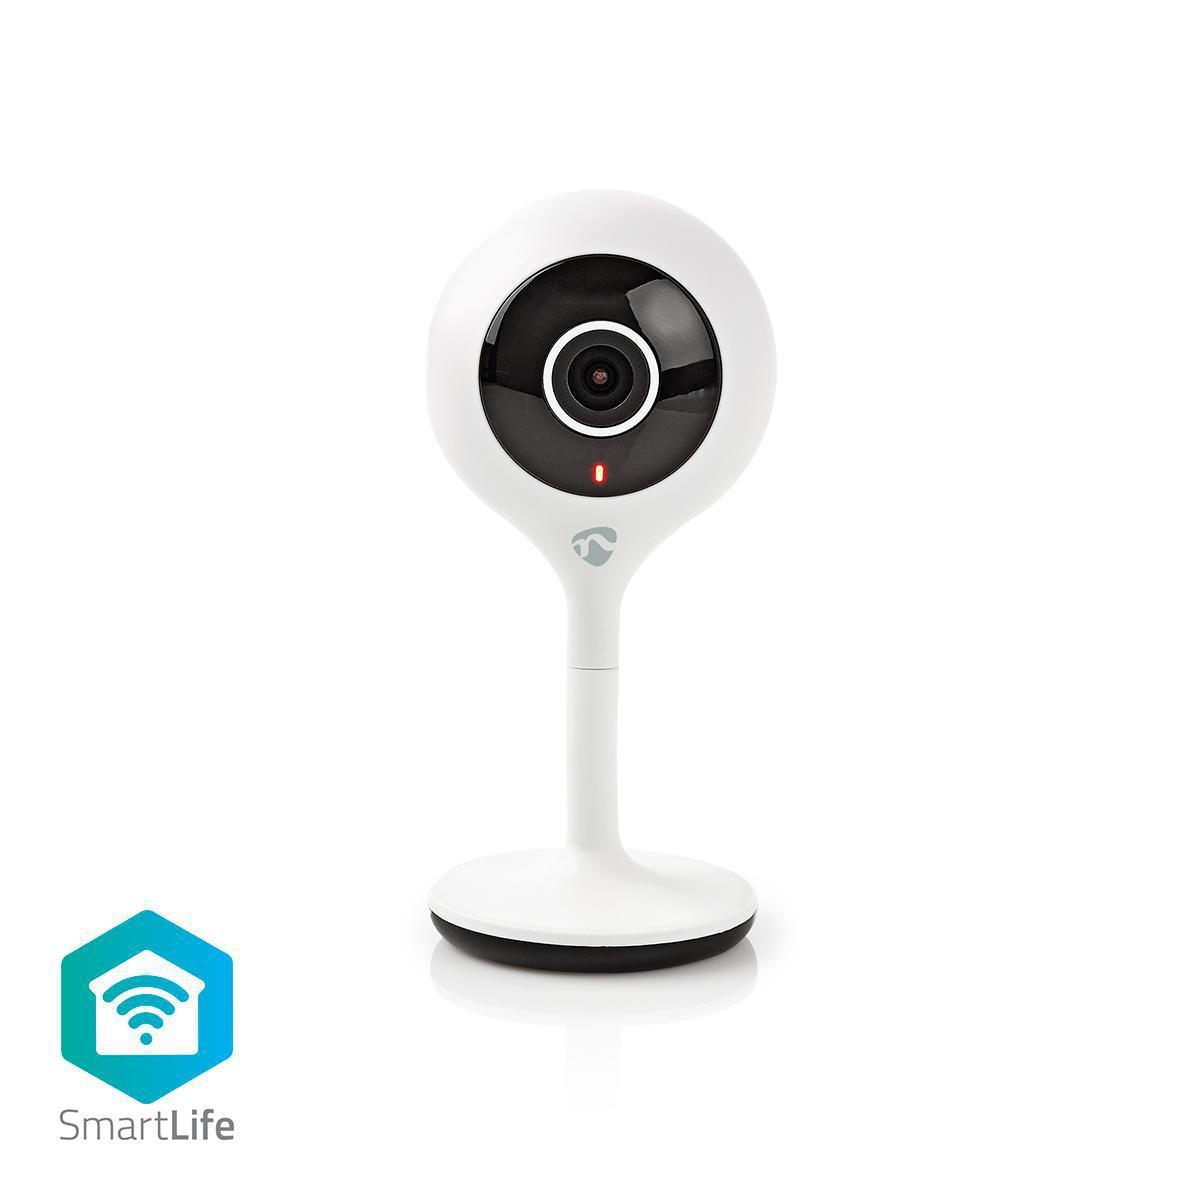 SmartLife Smart IP-kamera för utomhusbruk